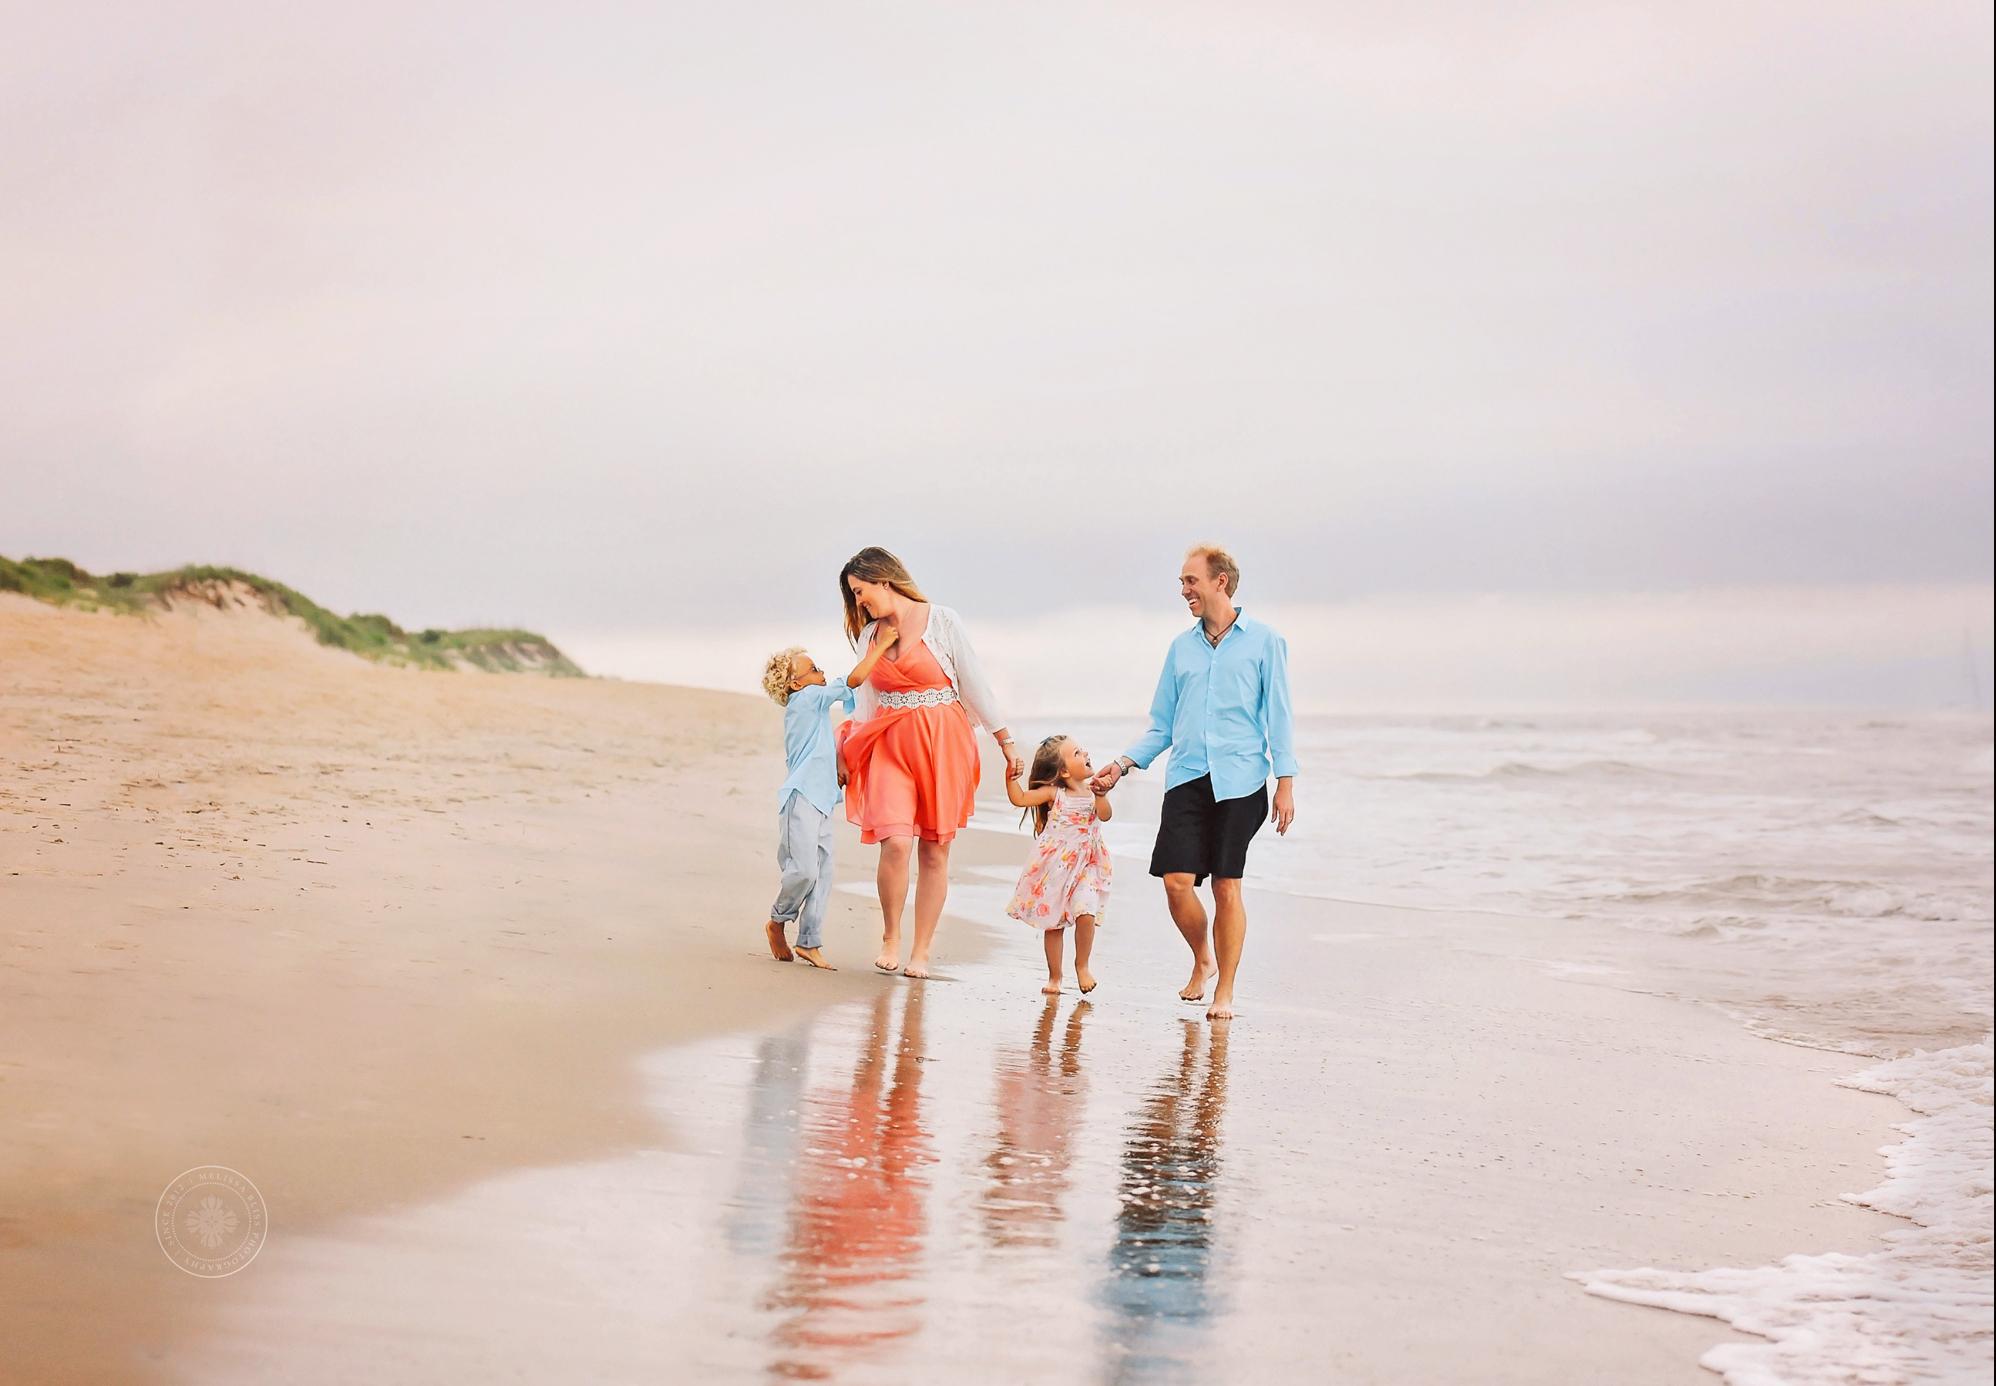 virginia-beach-family-photographers-melissa-bliss-photography-family-beach-photo-session-2.jpg